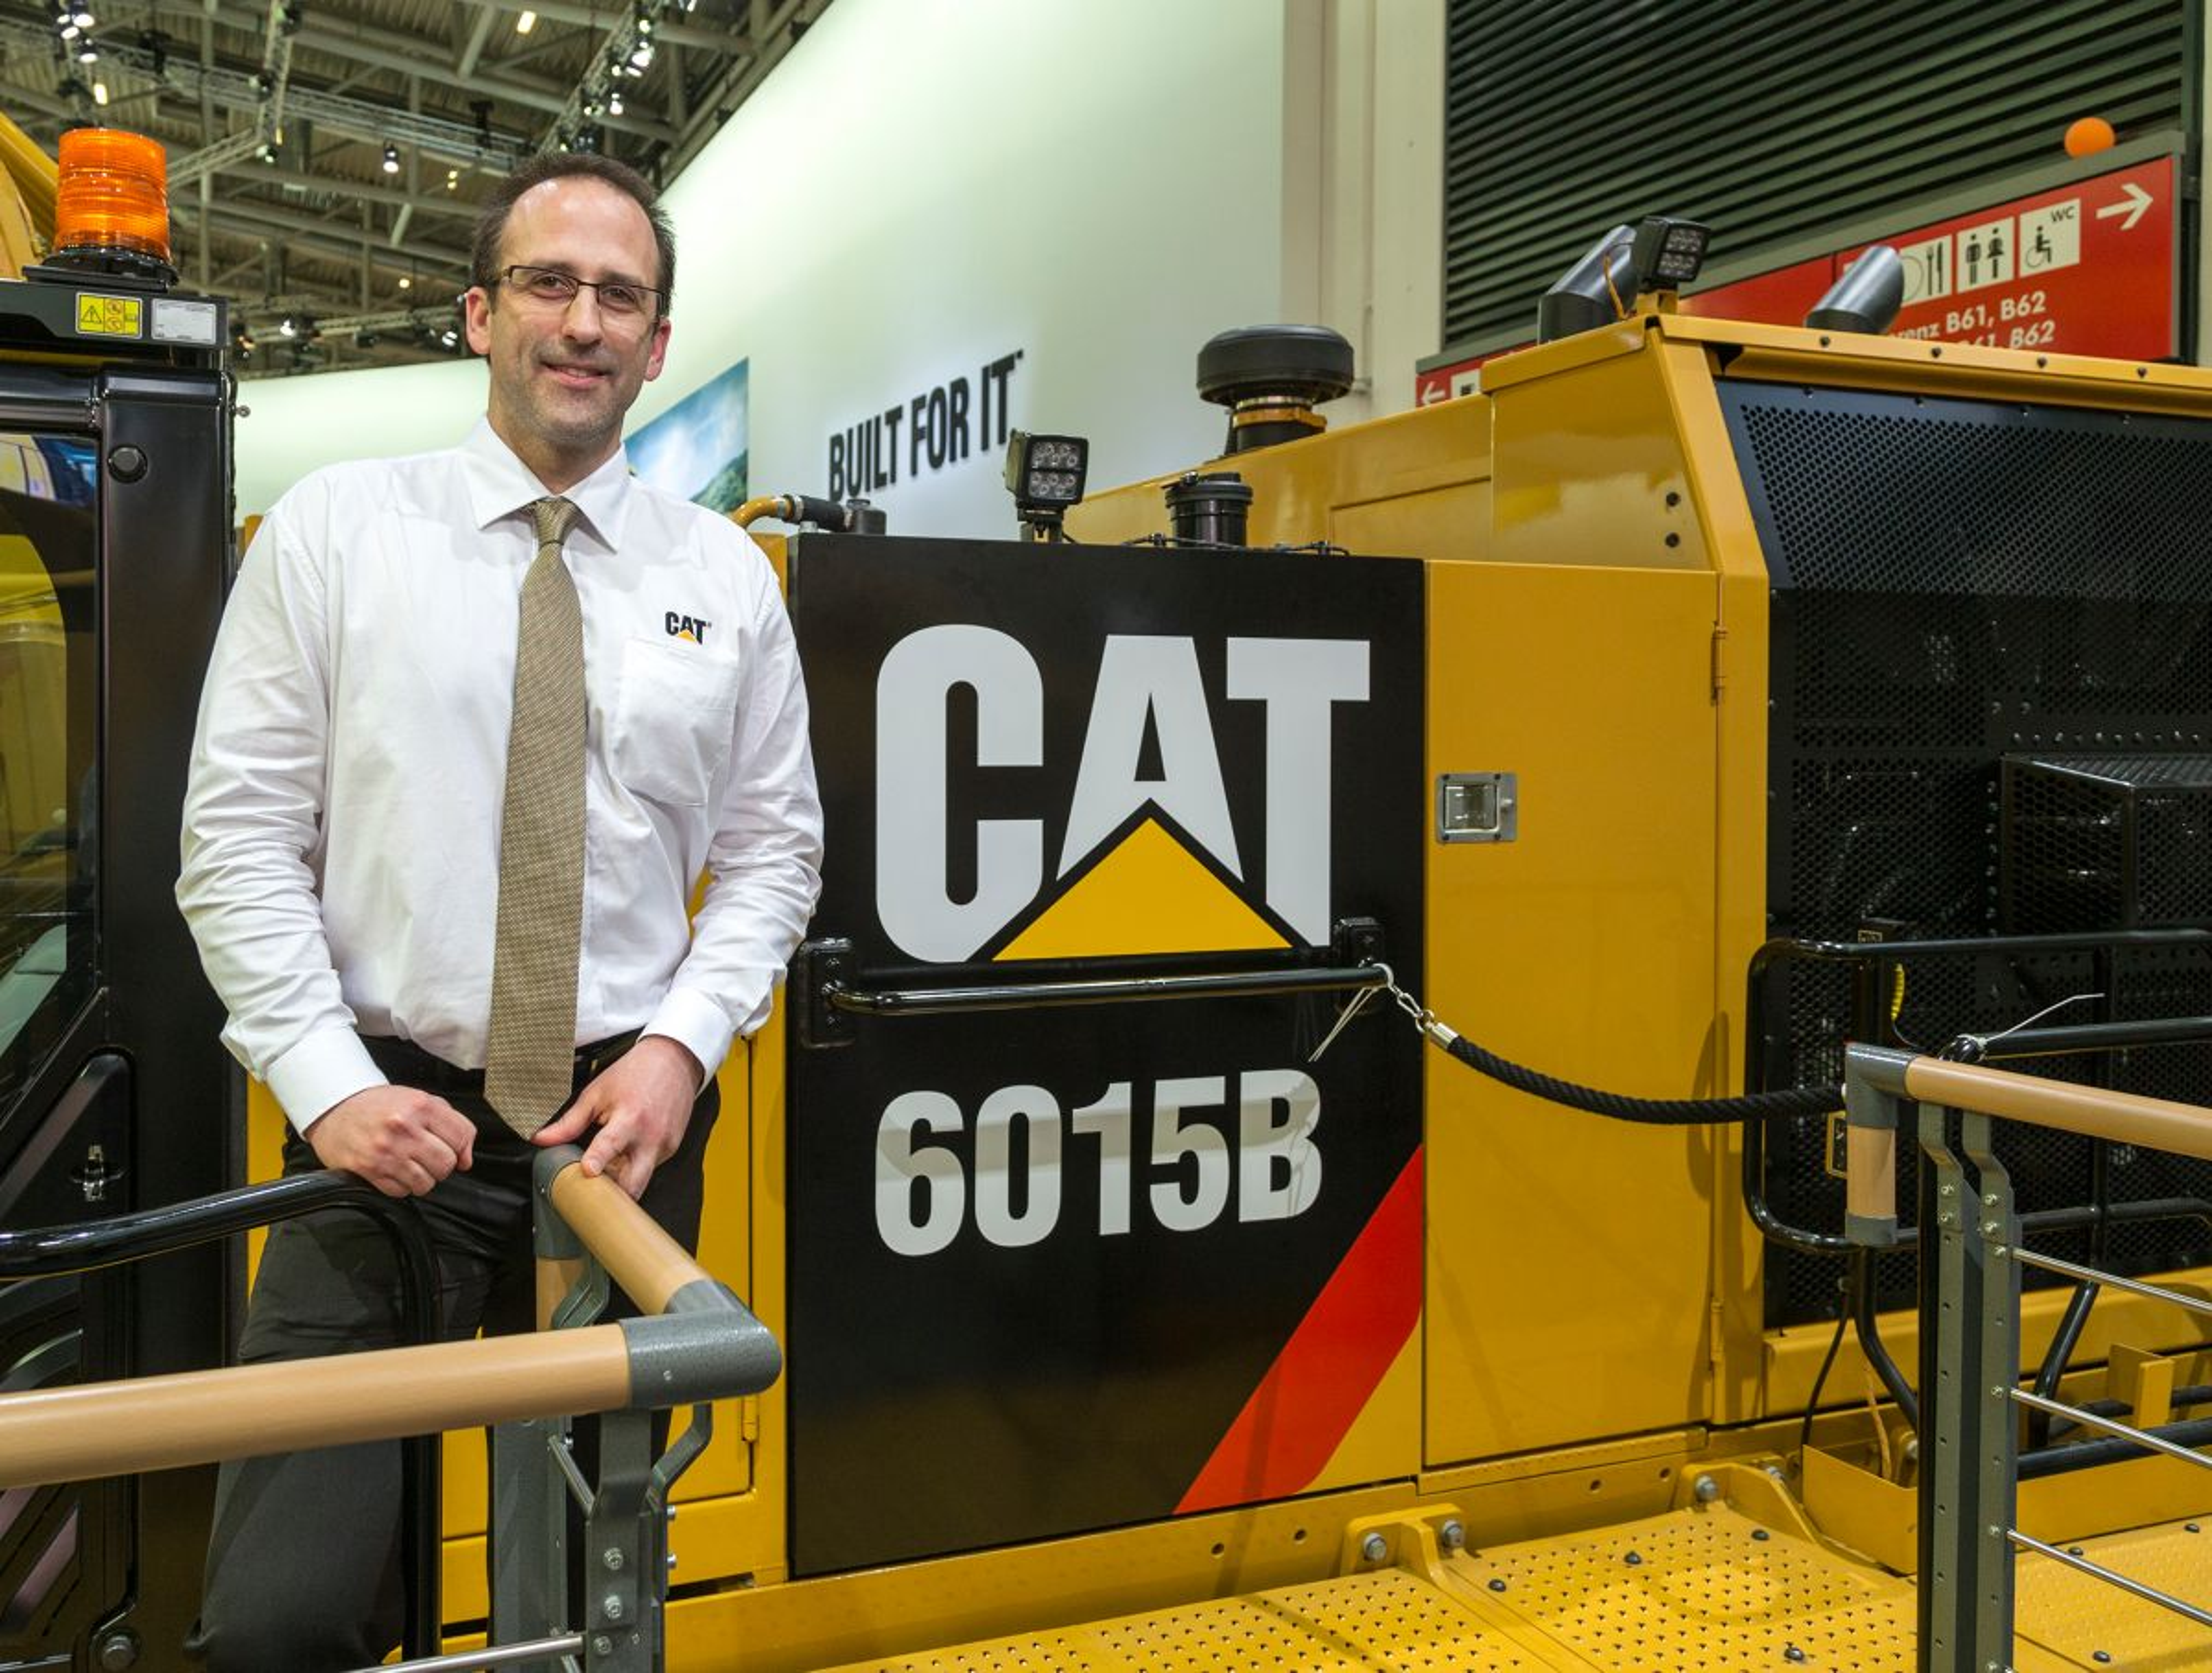 Kraftstoffeffizienter, neuer Cat Großhydraulikbagger 6015B hinterlässt starken Eindruck auf der bauma 2016